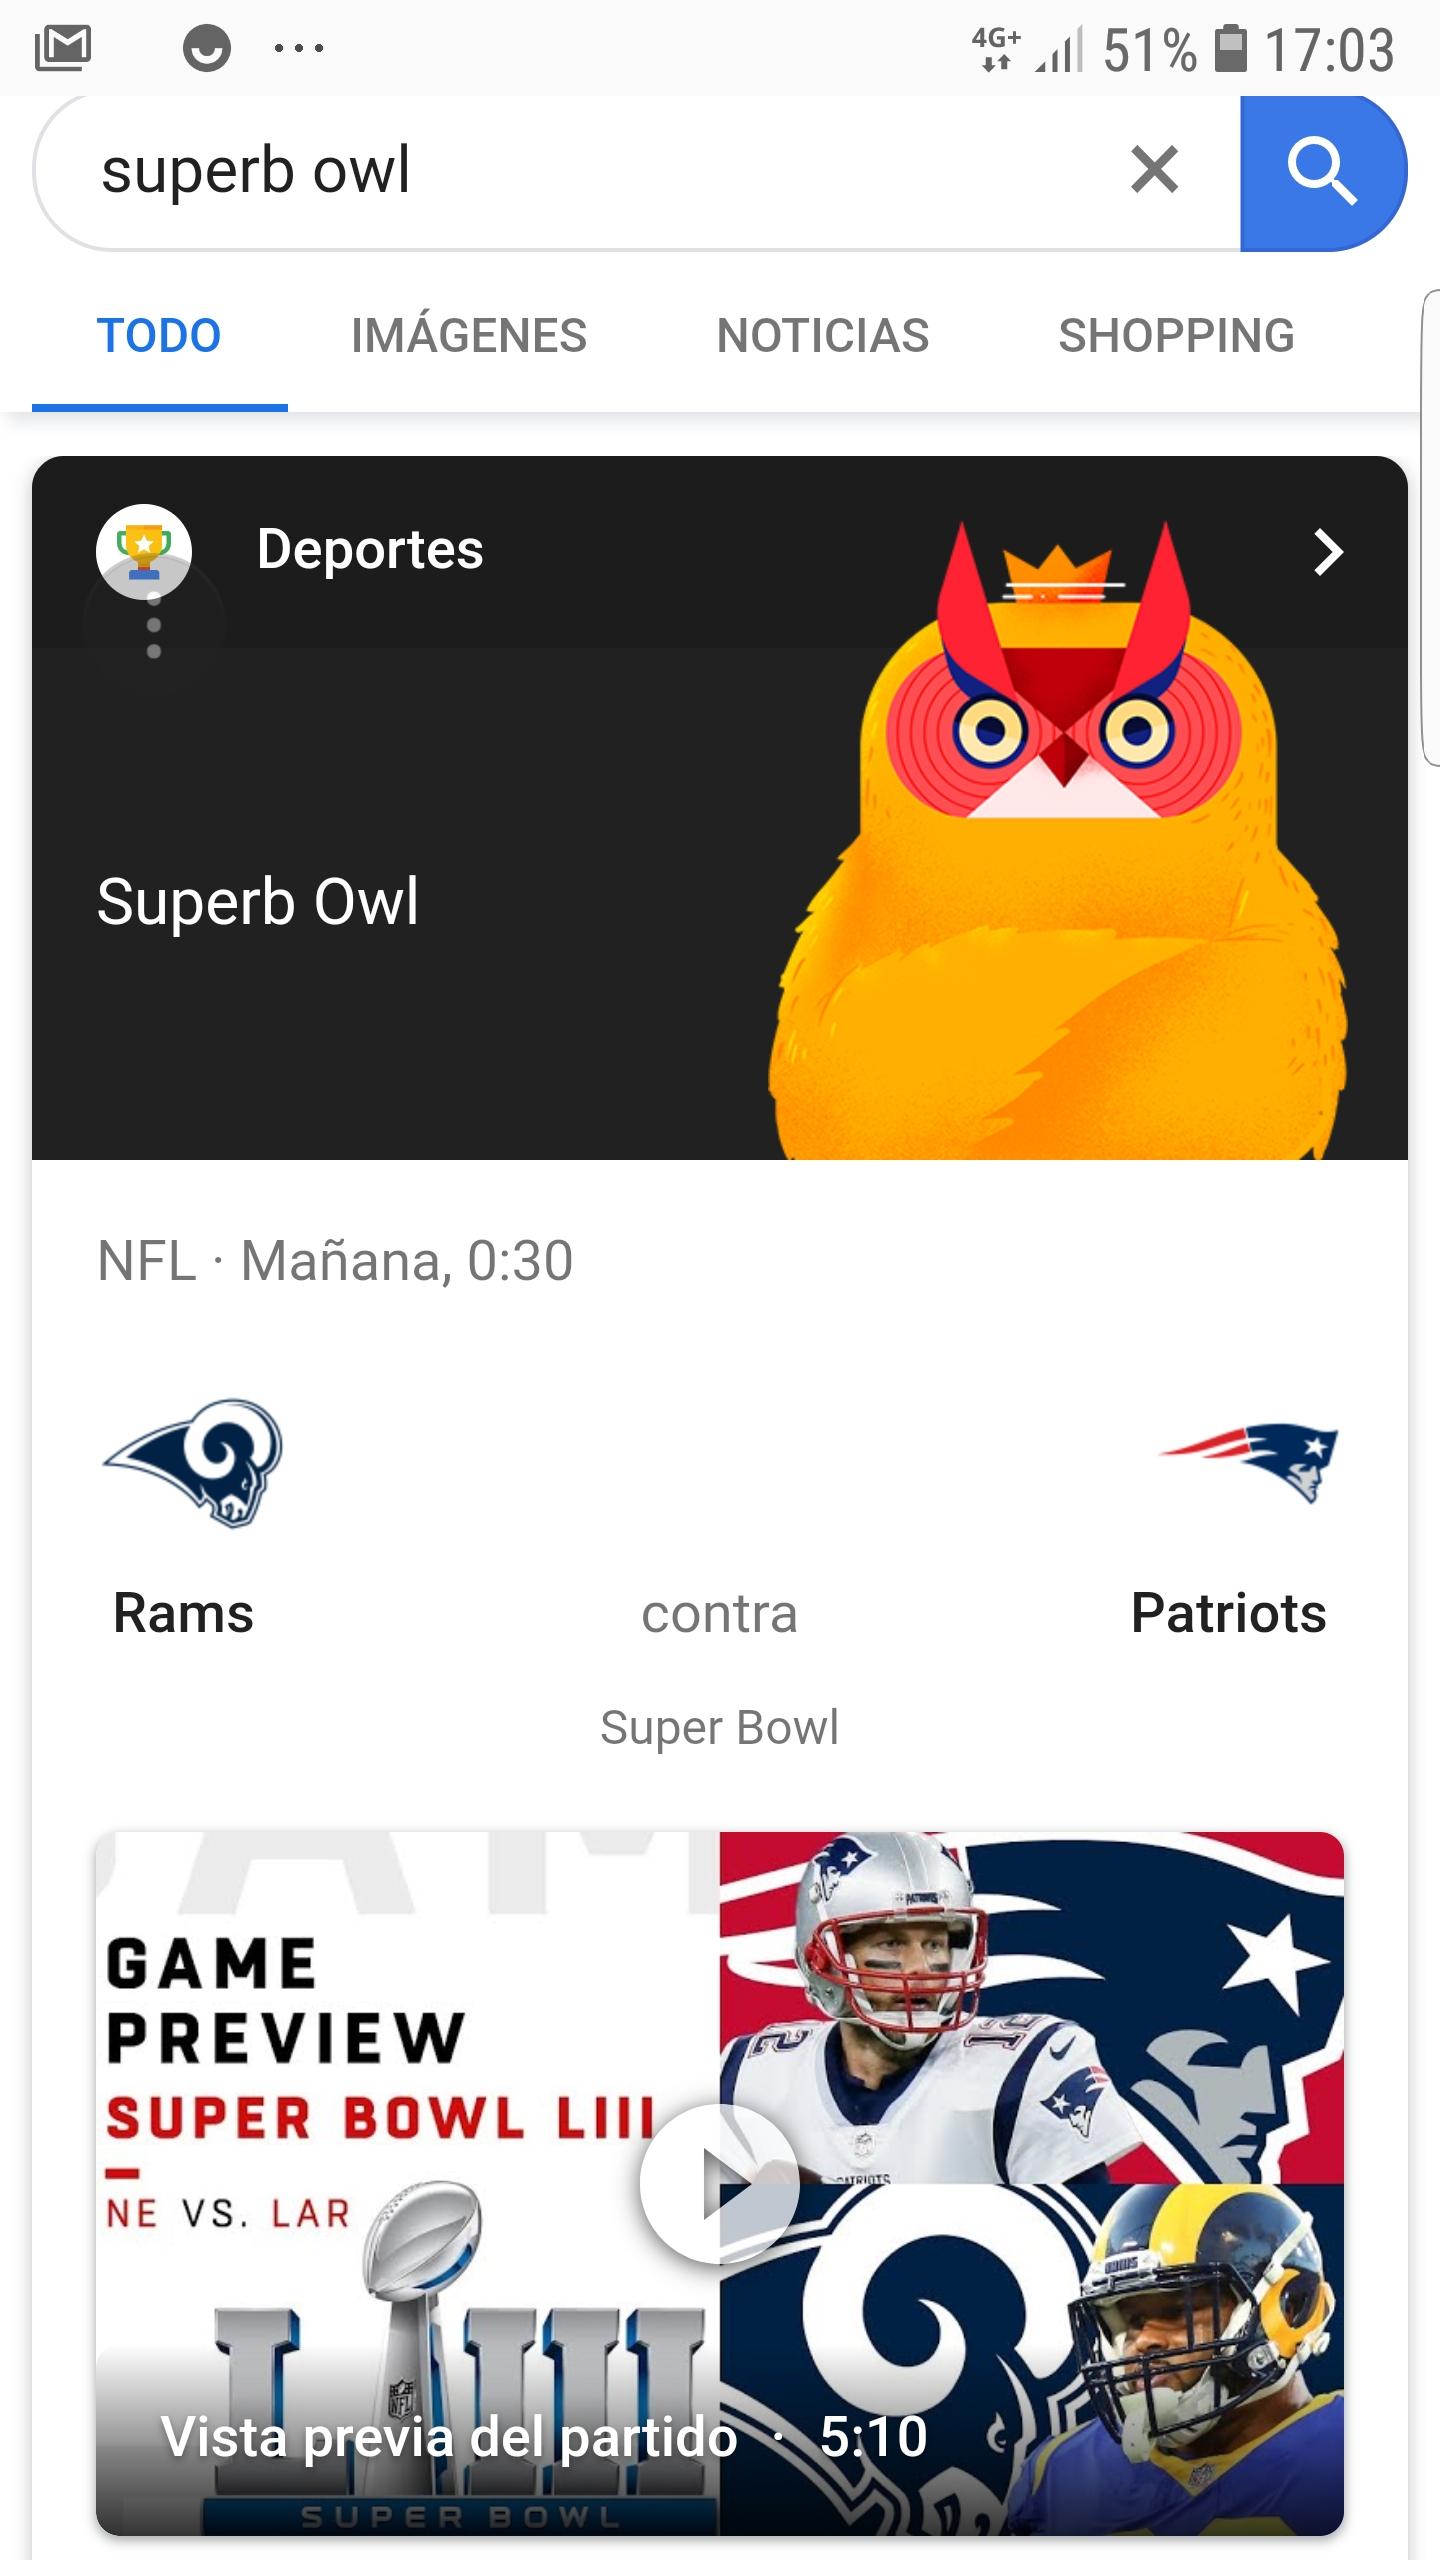 Superb owl la broma de Google con las búsquedas de la Super Bowl